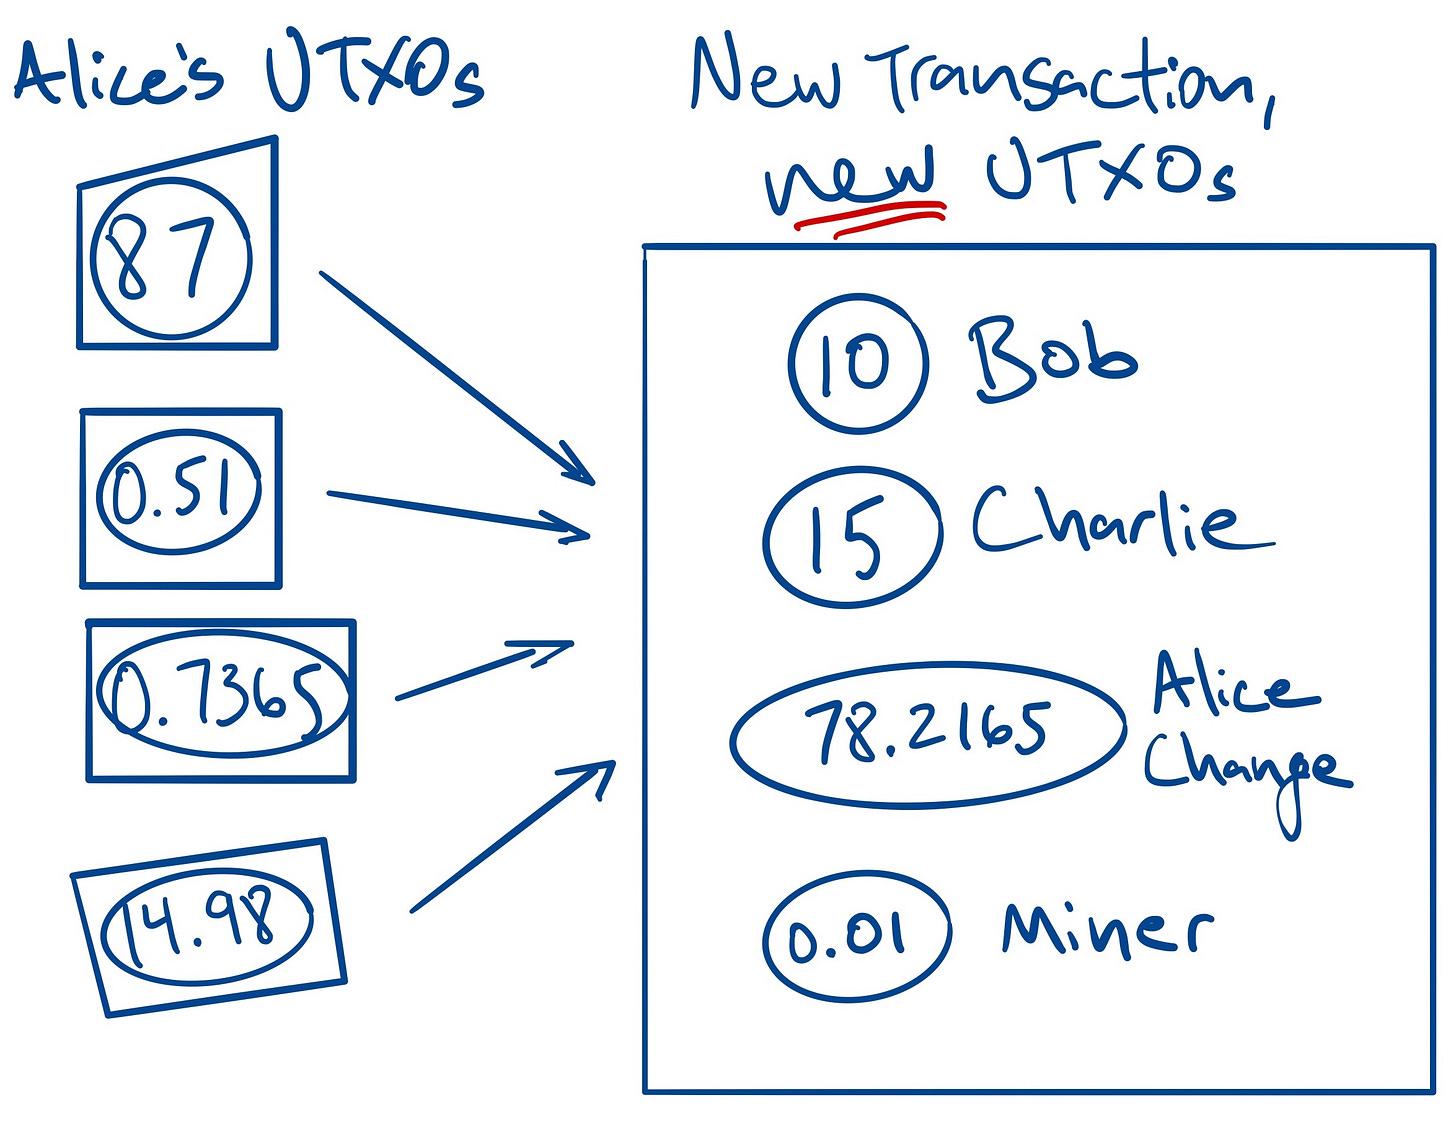 A bitcoin transaction.